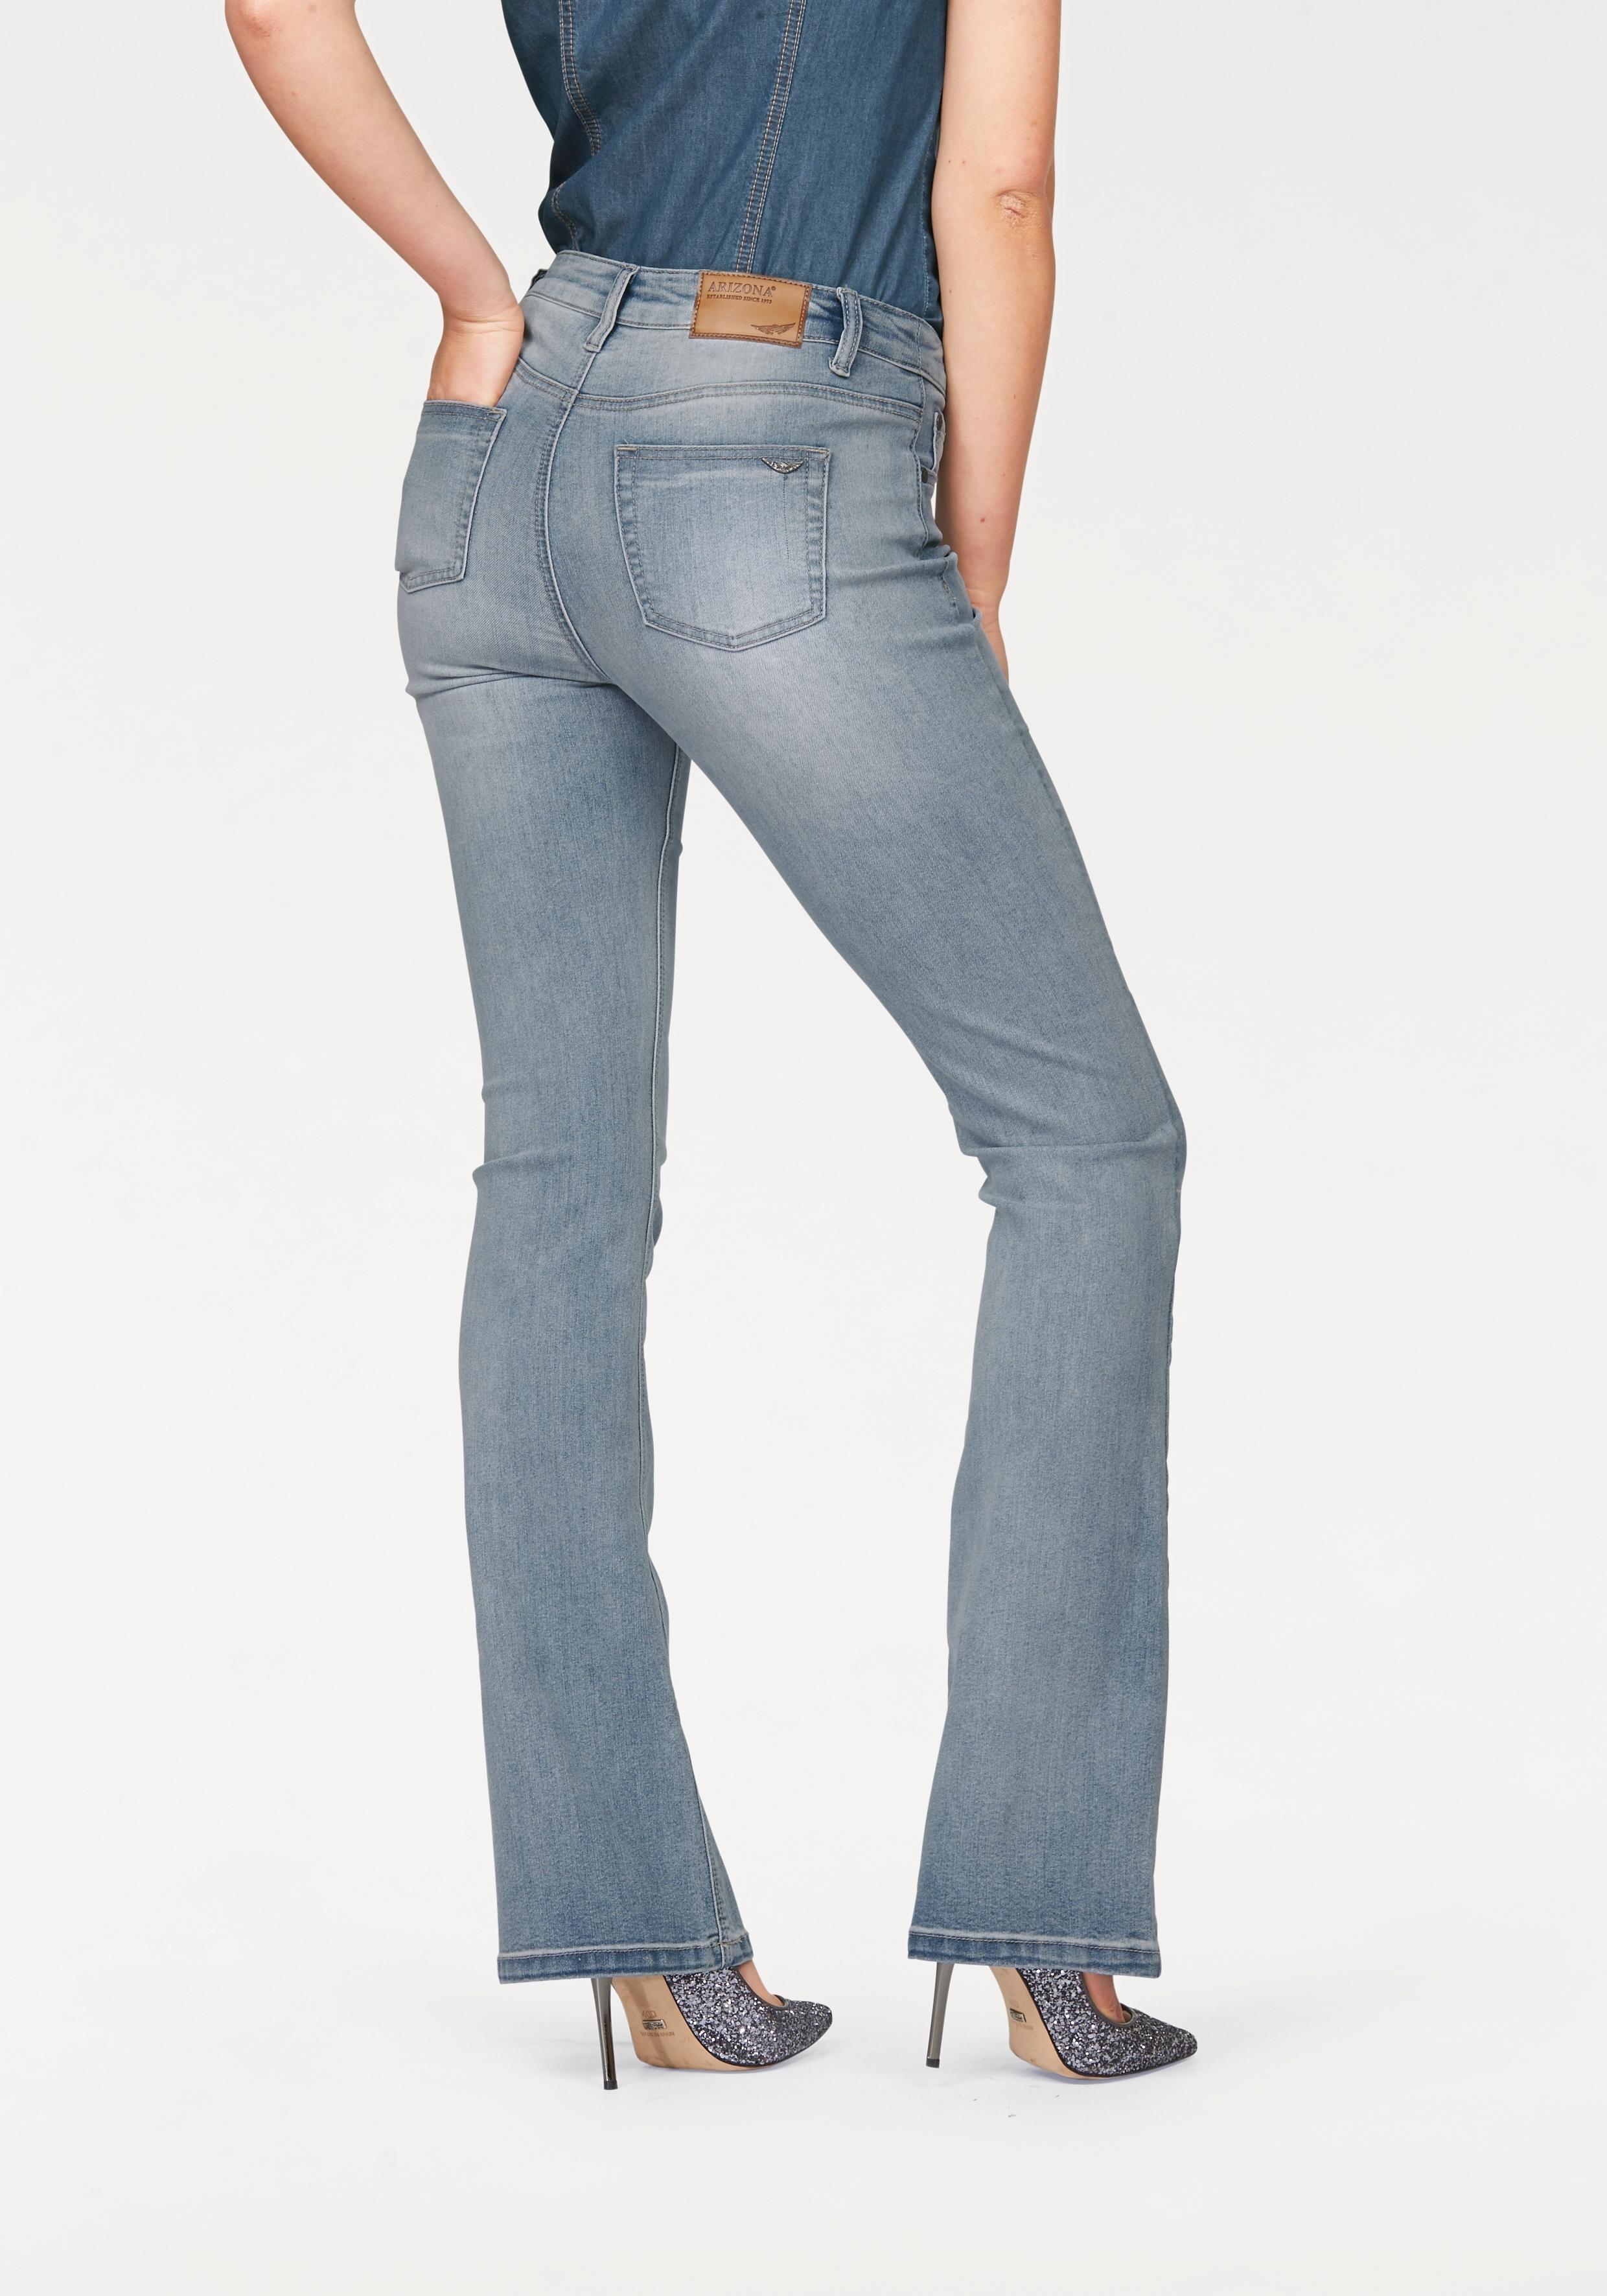 Arizona Bootcut jeans Shaping High Waist online kopen op otto.nl